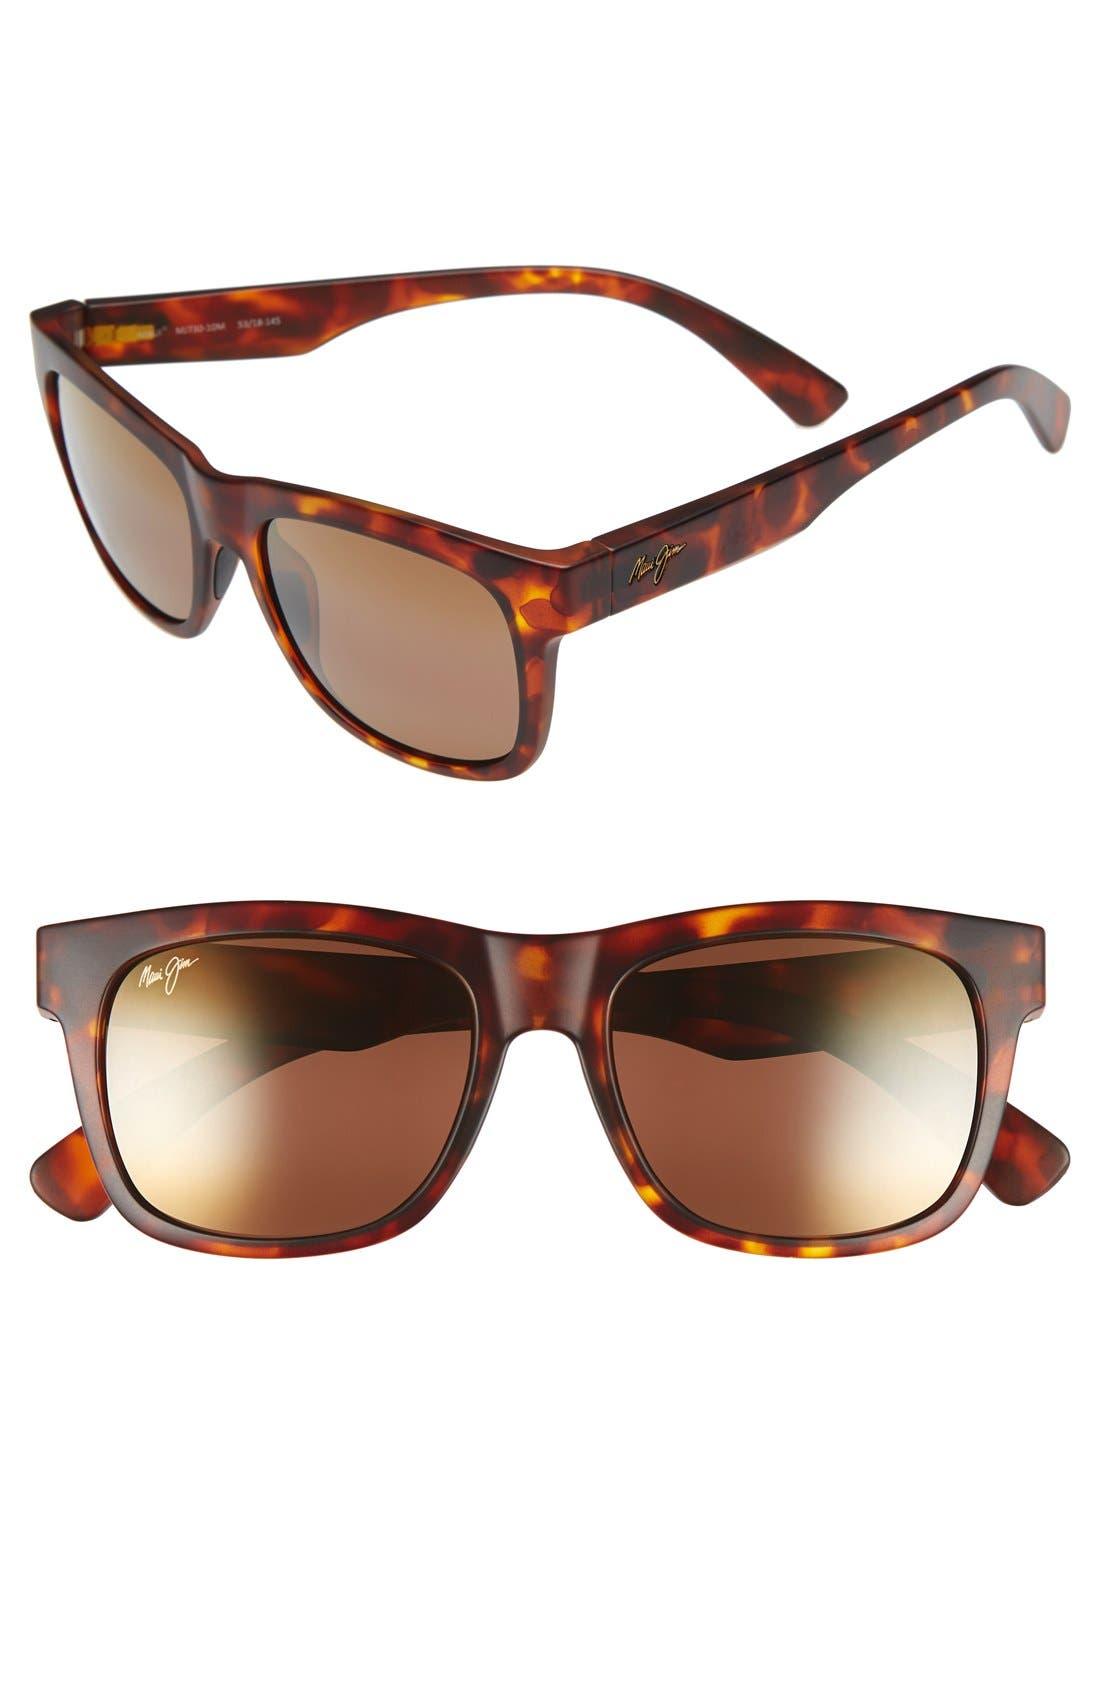 Snapback 53mm PolarizedPlus2<sup>®</sup> Sunglasses,                         Main,                         color, Matte Tortoise/ Hcl Bronze